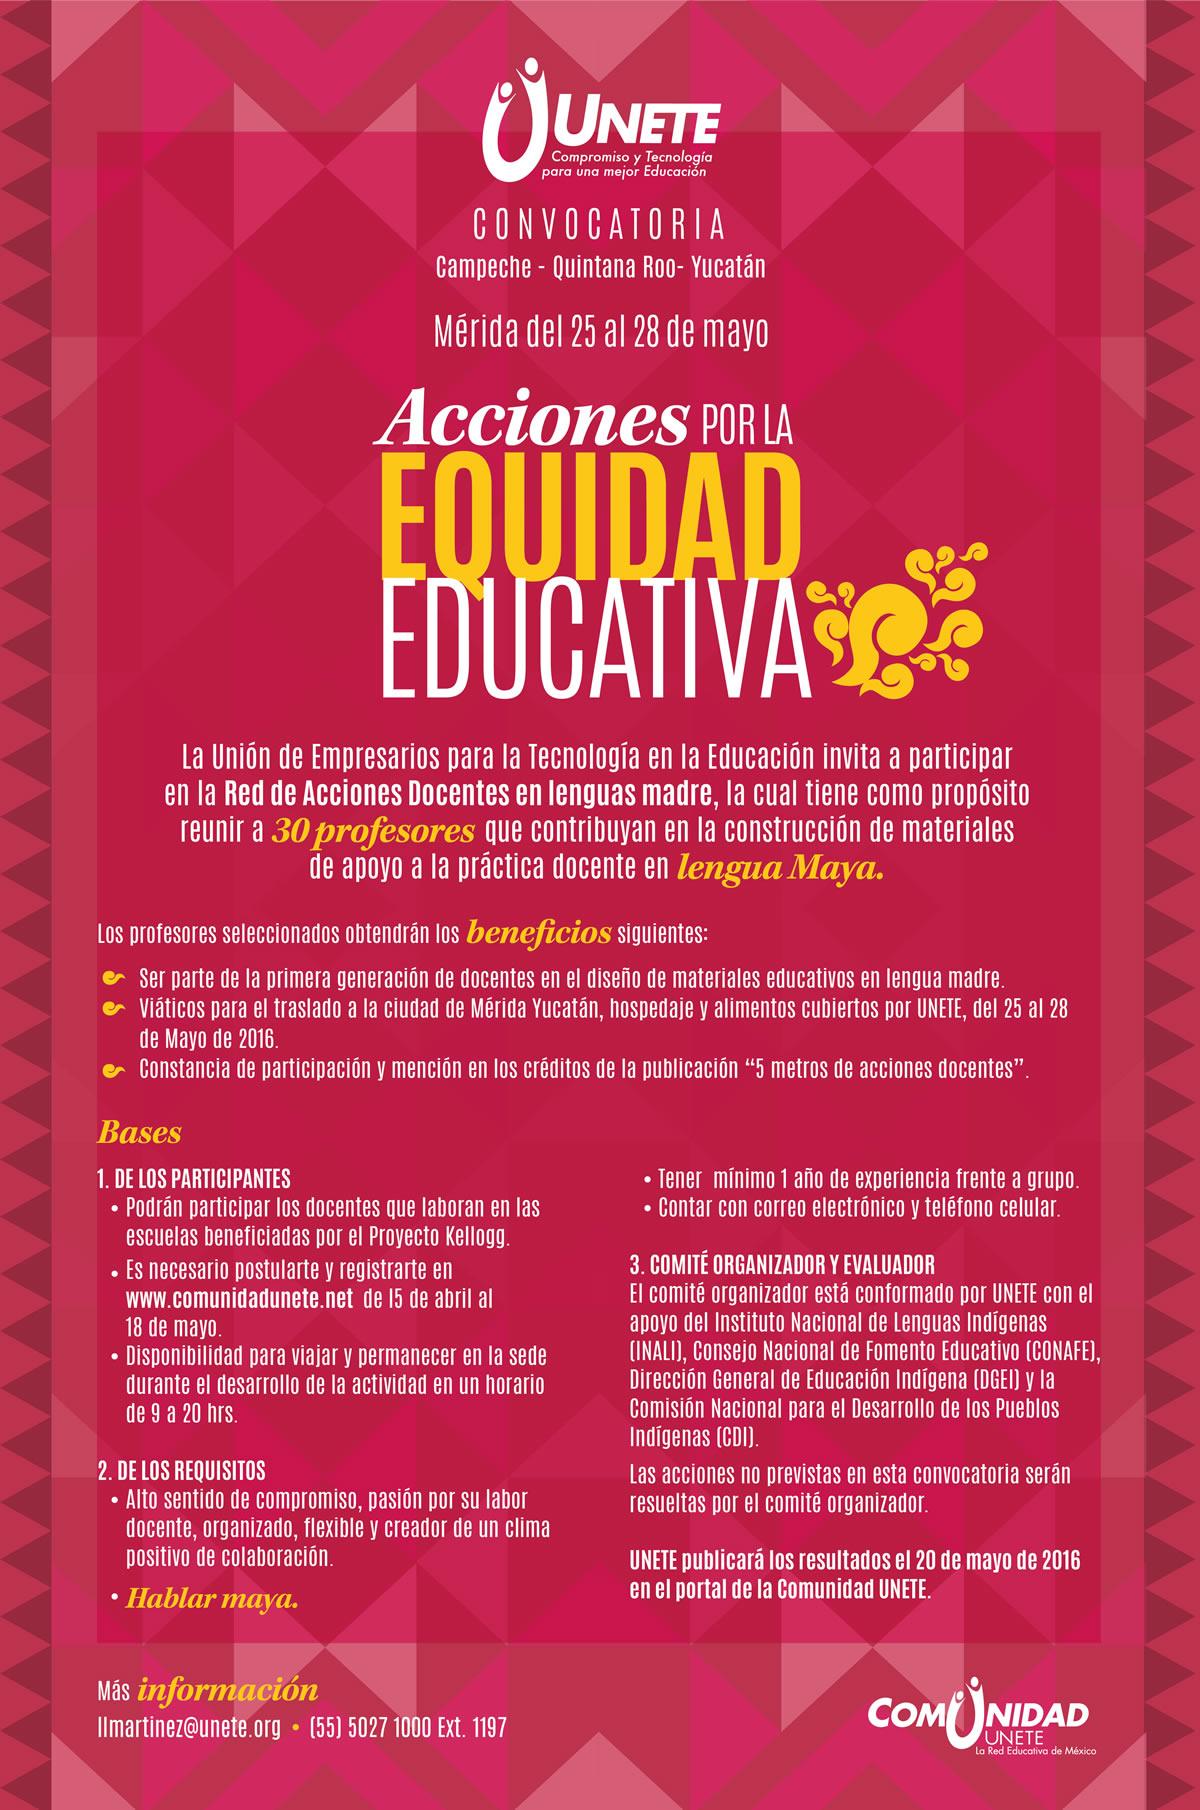 Acciones por la equidad educativa convocatorias Convocatoria para las plazas docentes 2016